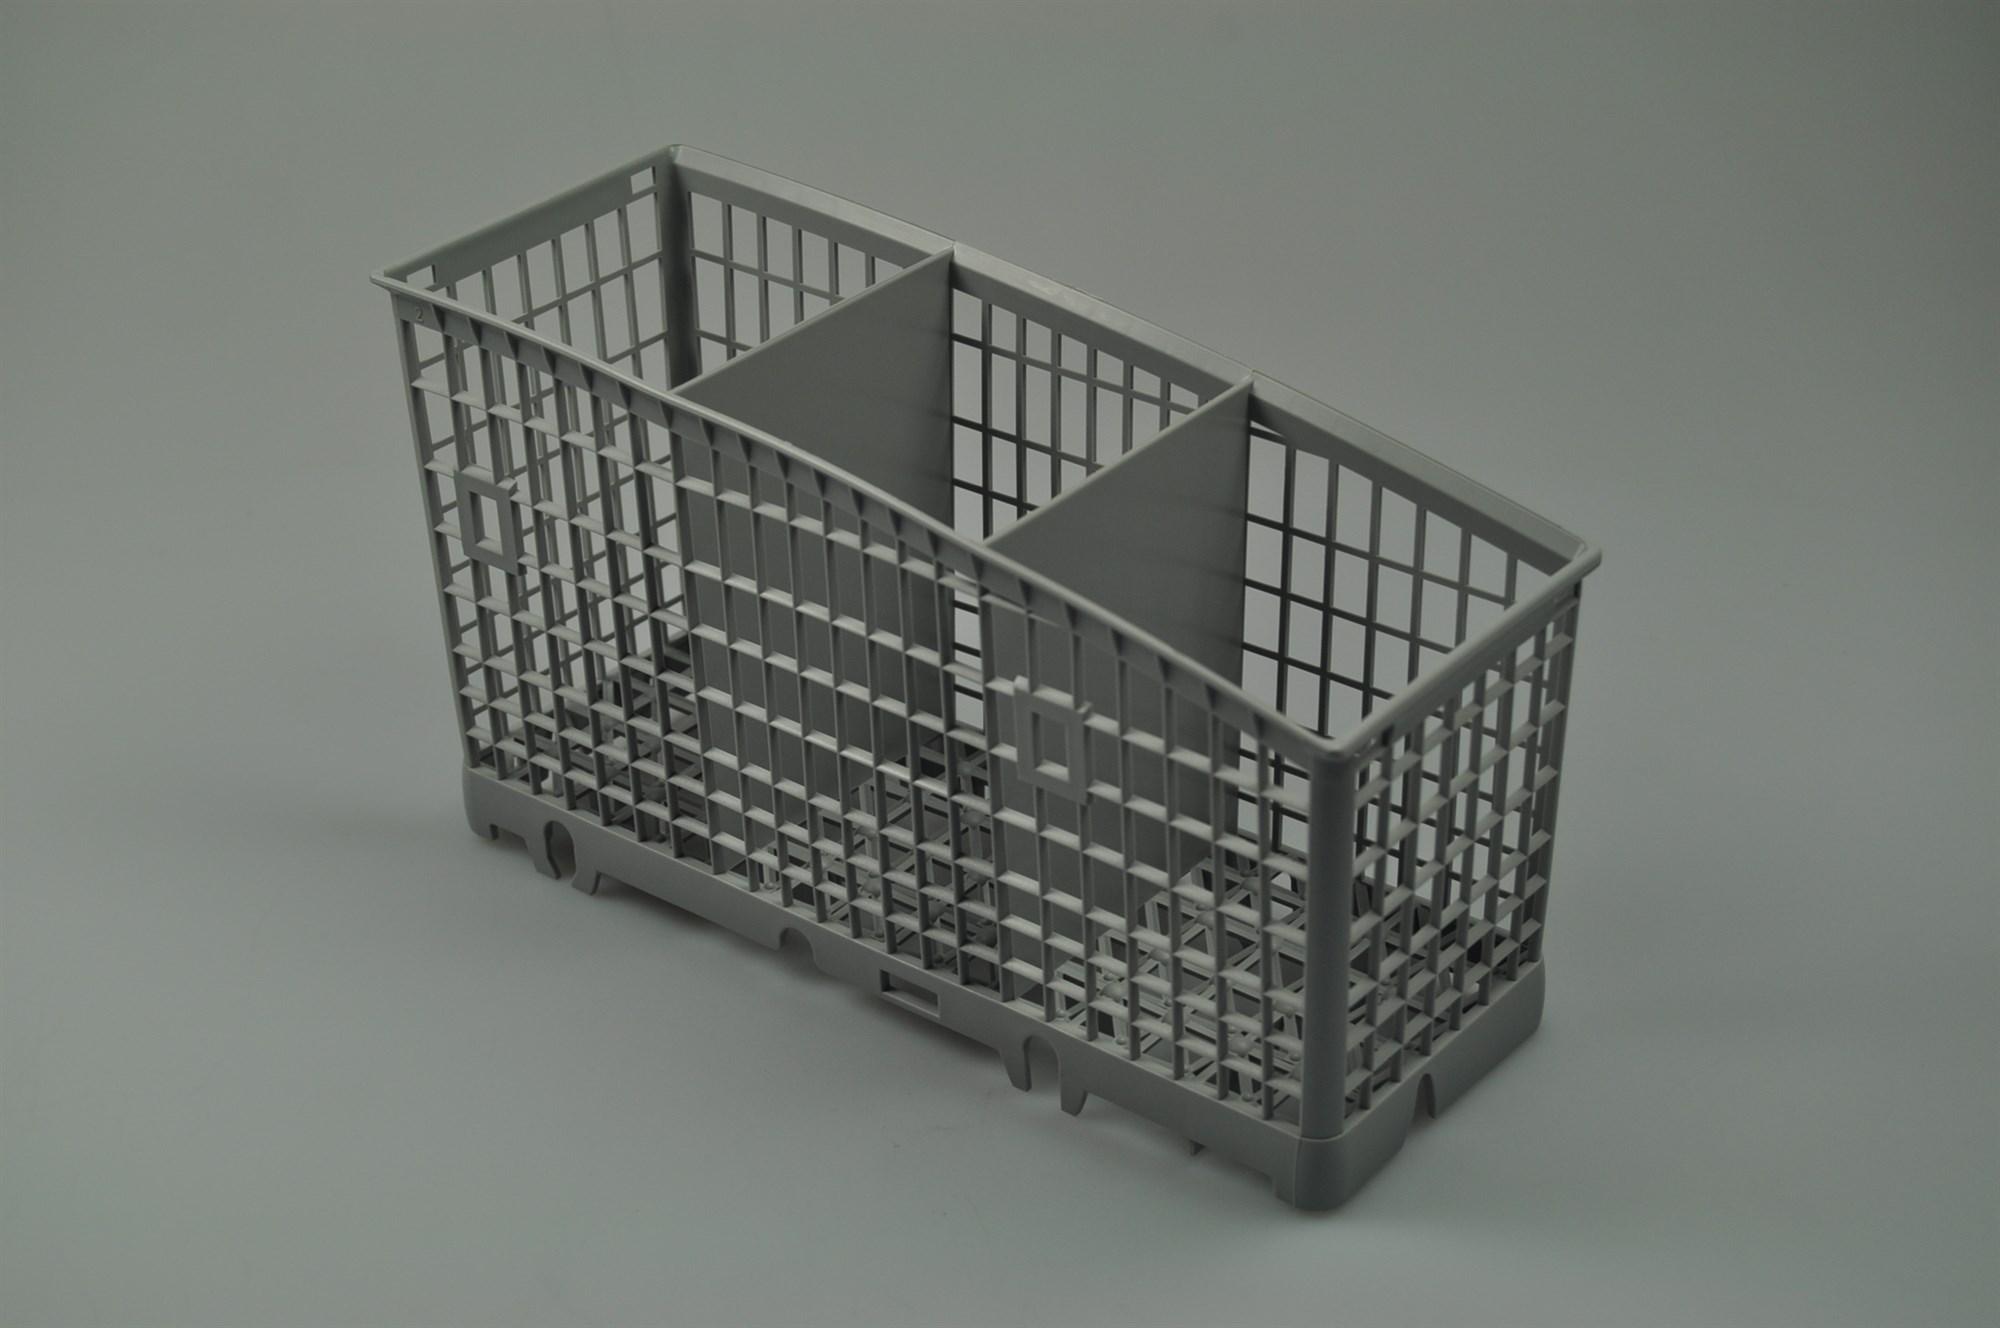 besteckkorb ikea geschirrsp ler 85 mm 1 stck. Black Bedroom Furniture Sets. Home Design Ideas